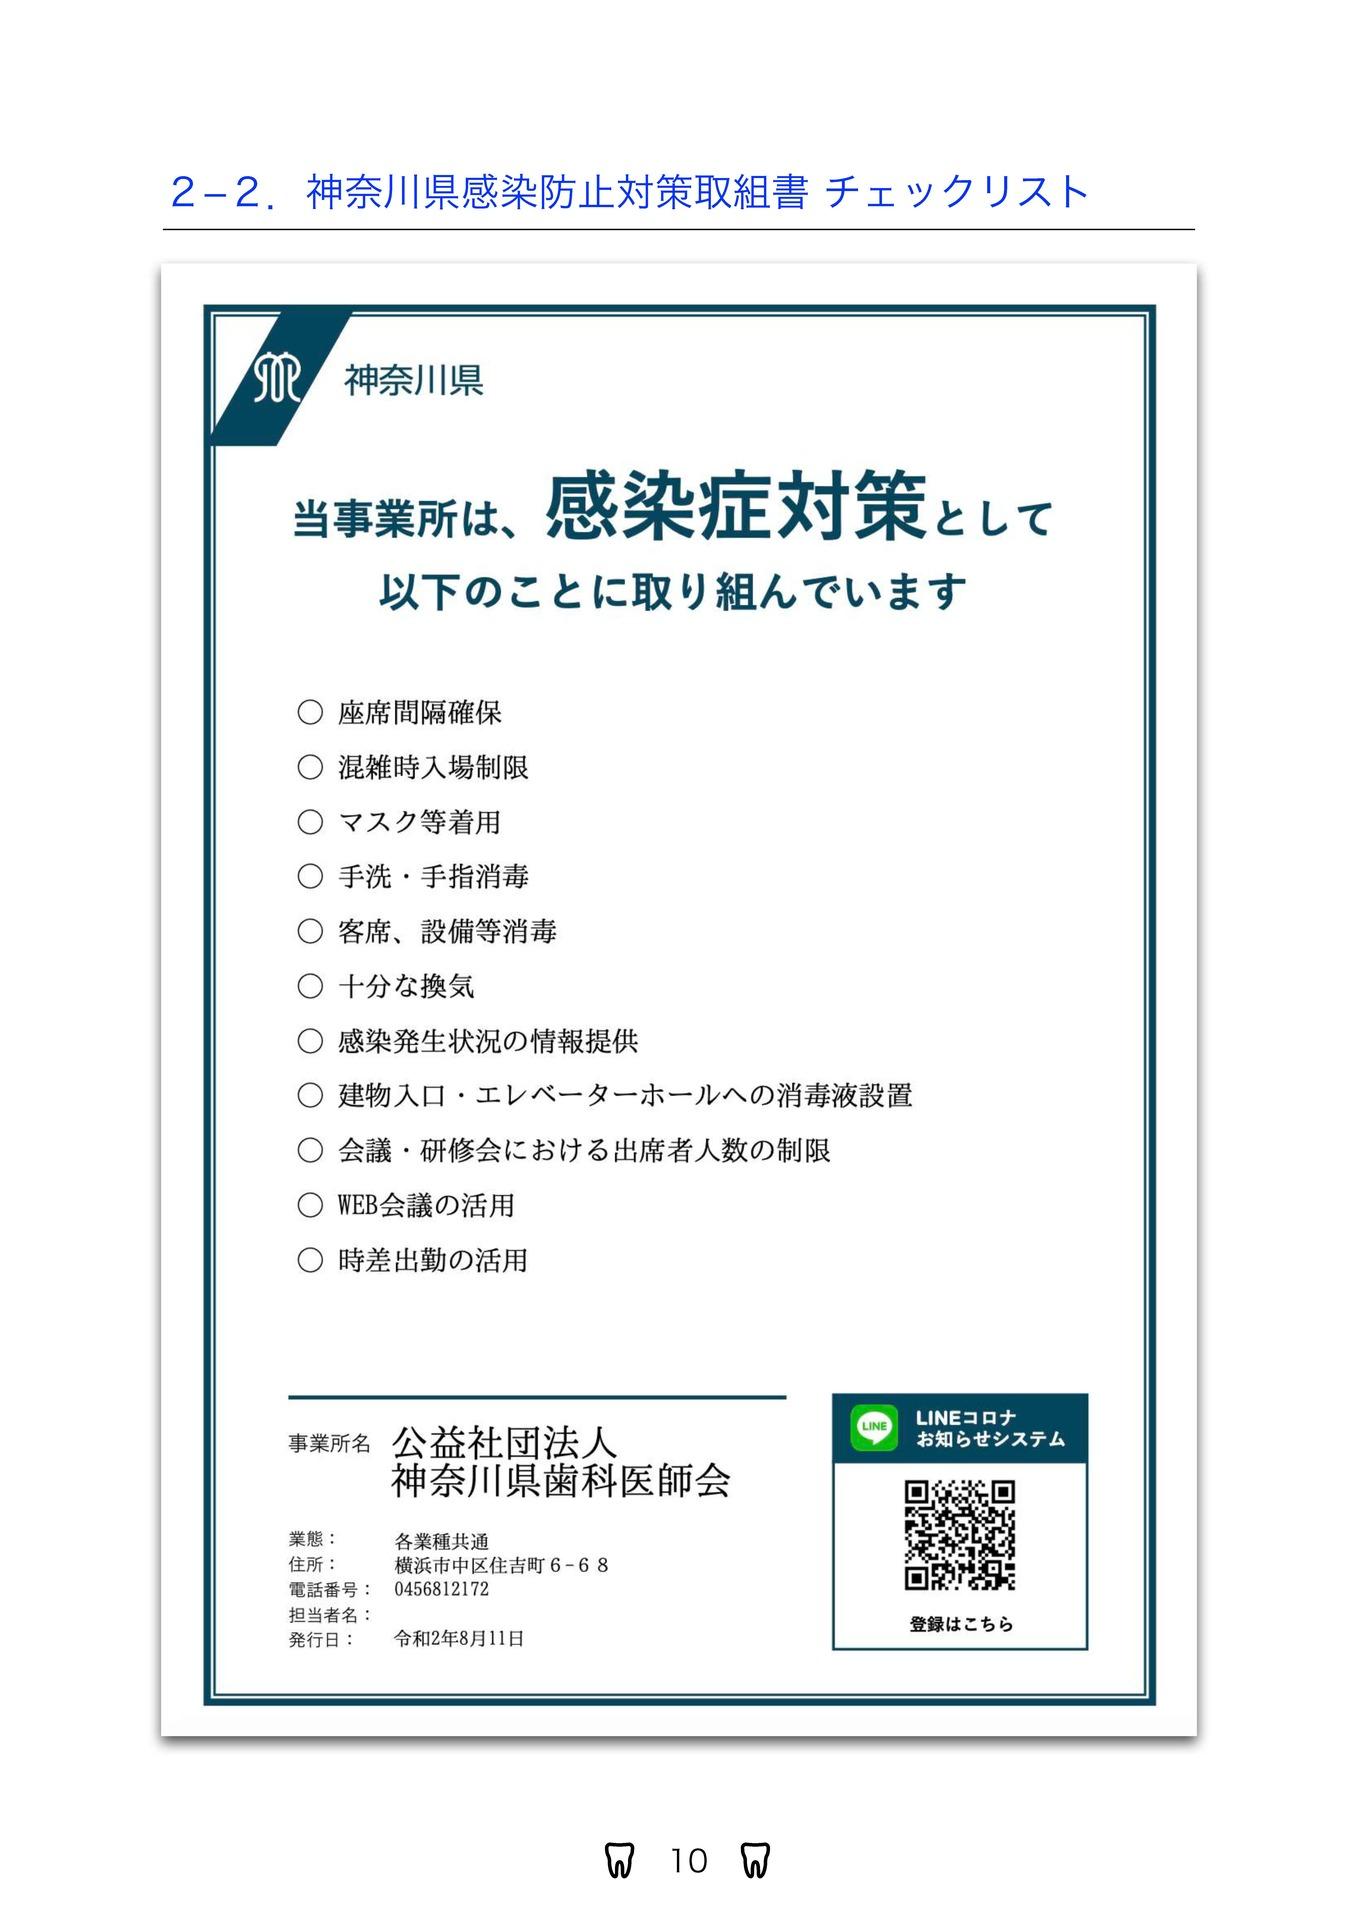 県 感染 神奈川 今日 コロナ 新型コロナウイルスに感染した患者の発生状況